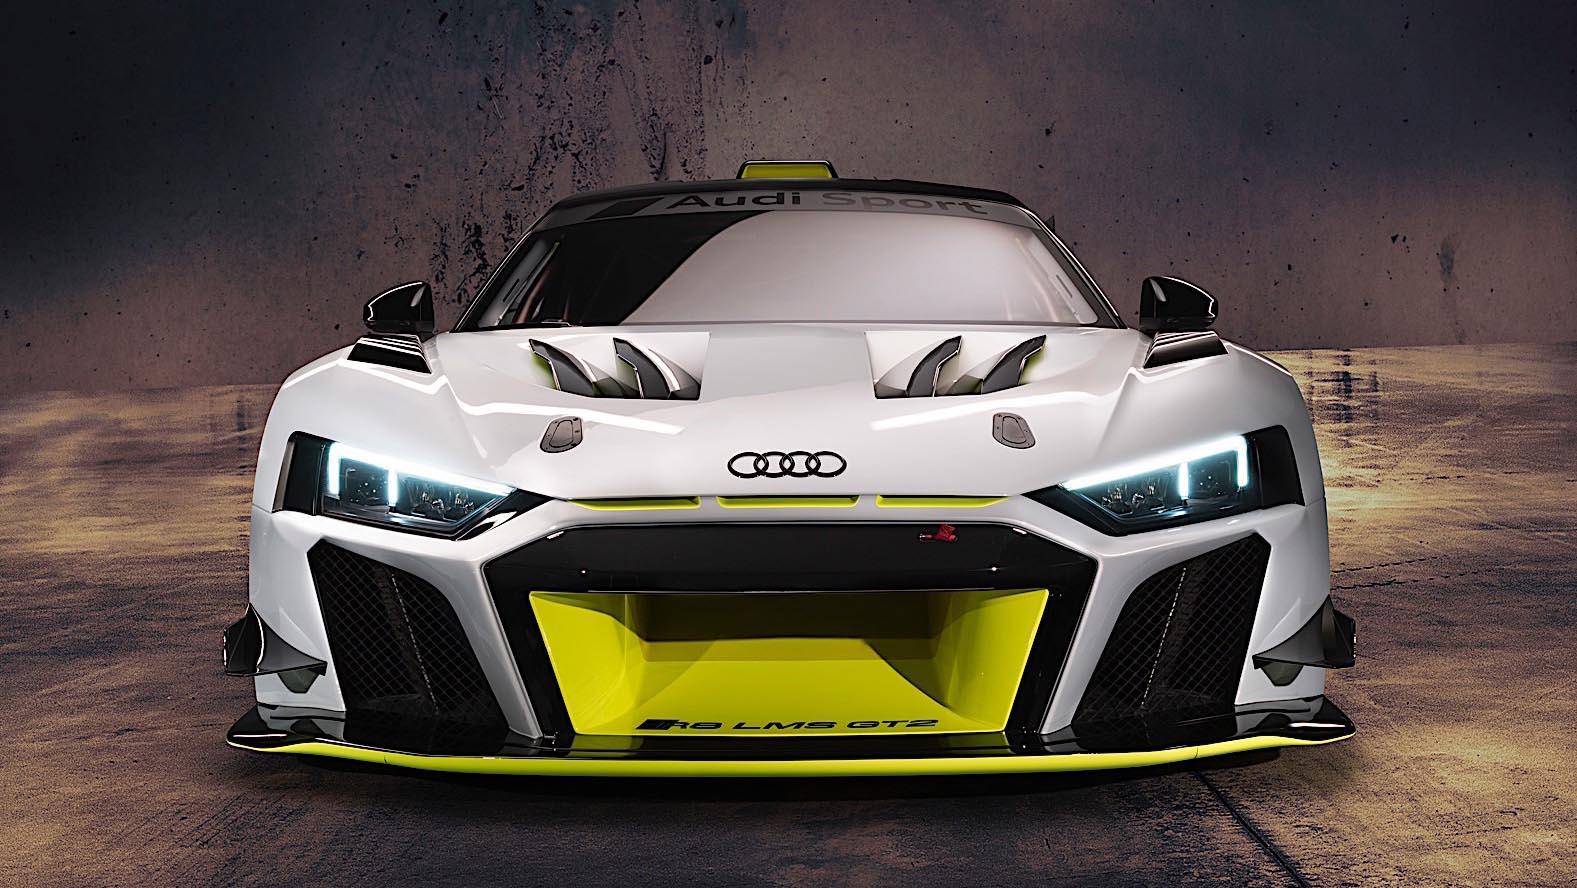 2020 Audi R8 LMS GT2 представлен с 640 л. с.